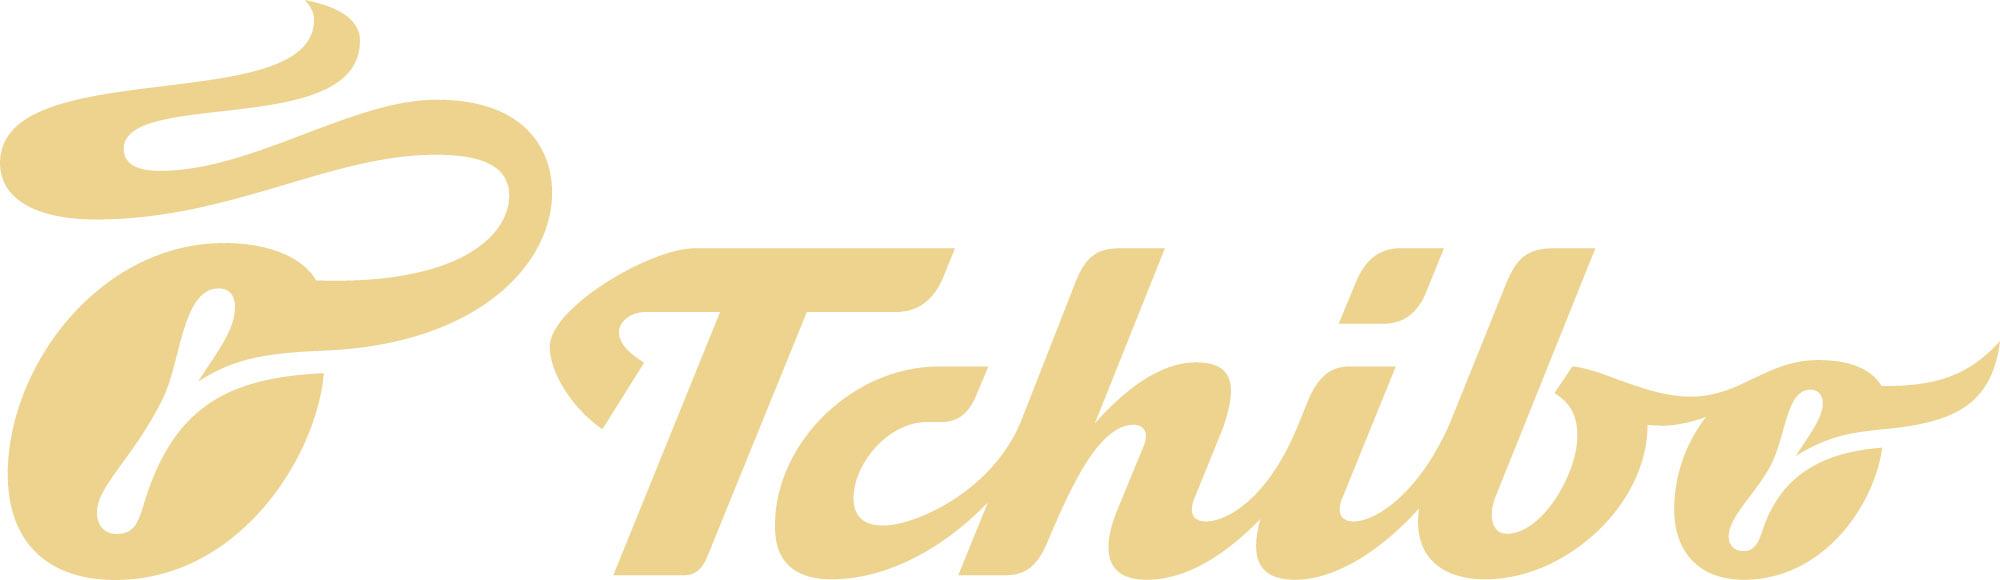 Gewinnen Sie mit Tchibo Wäsche zum Verlieben! - Sponsor logo